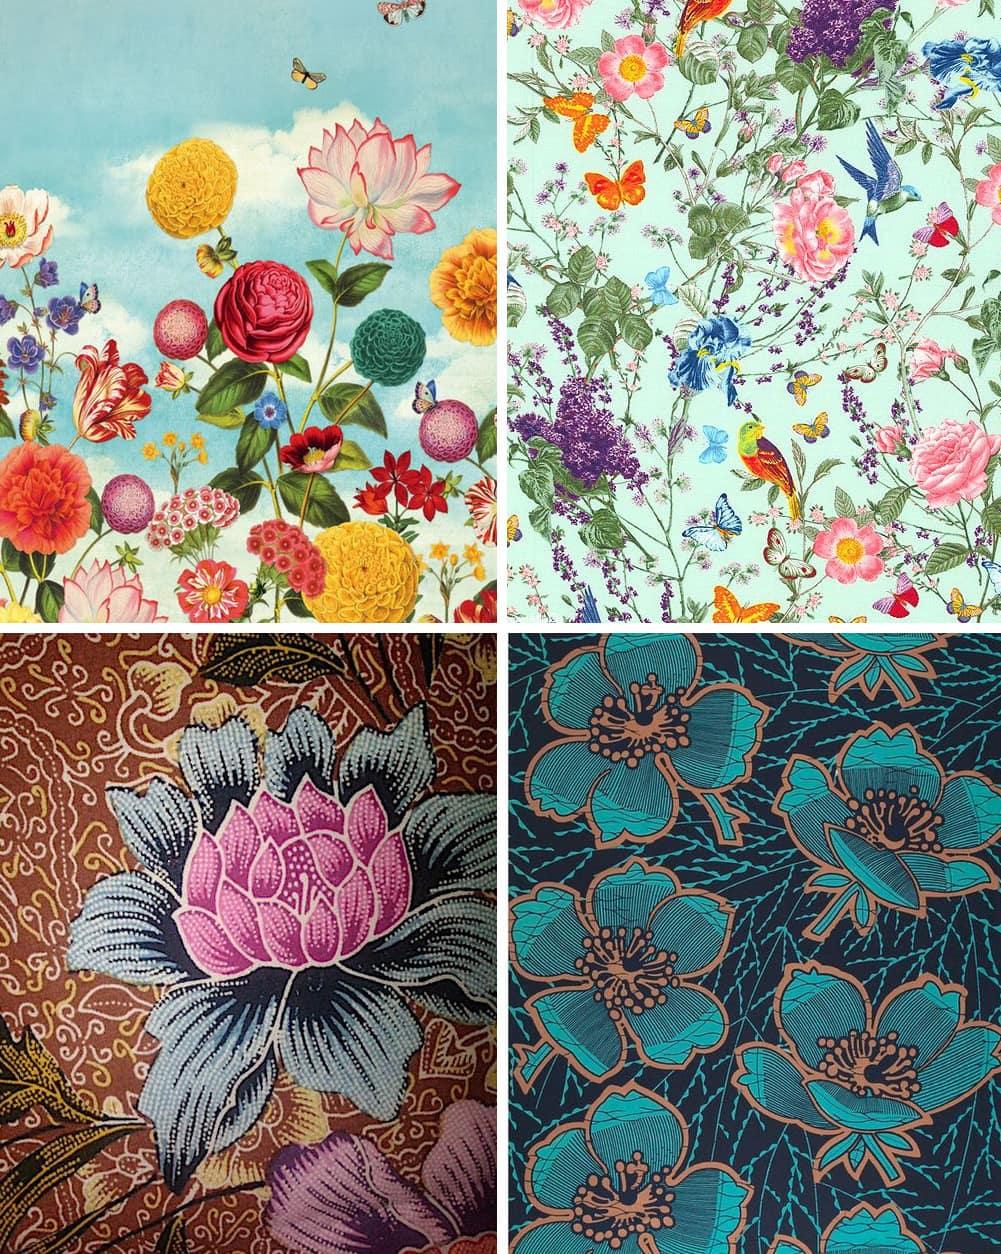 Современные текстильные (тканевые) обои - поражают своим оригинальным дизайном и многообразием цветовой гаммы